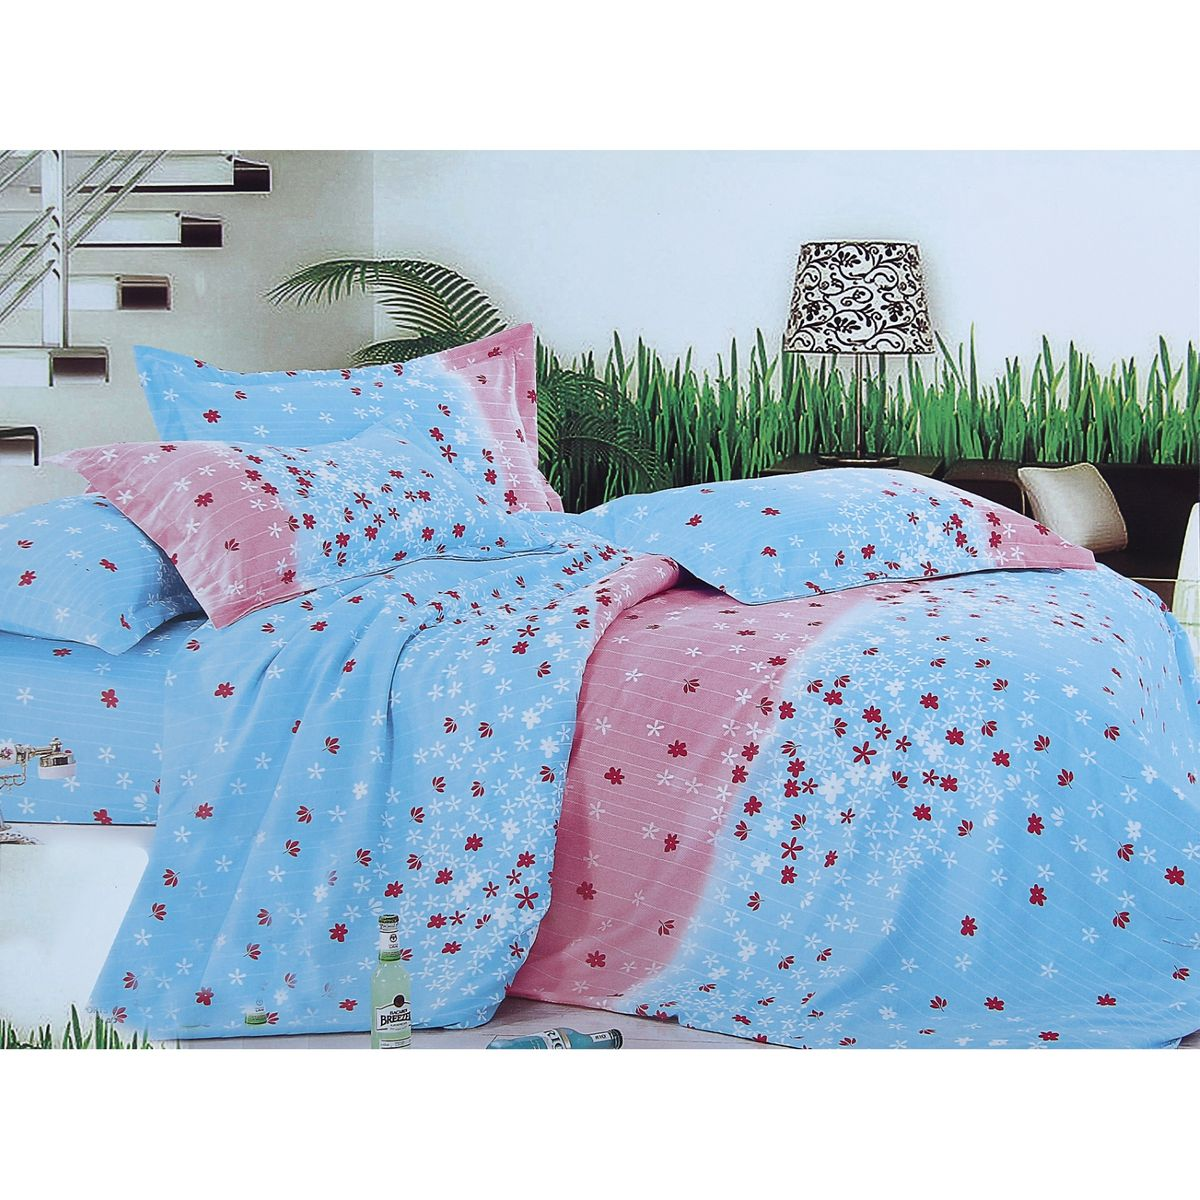 Комплект белья Этель Нежность, семейный, наволочки 70x70, цвет: голубой, розовый391602Комплект постельного белья Этель Нежность состоит из двух пододеяльников на молнии, простыни и двух наволочек без ушек. Удивительной красоты цветочный рисунок сочетает в себе нежность и теплоту. Постельное белье Этель создано для романтичных натур, которые любят изысканный дизайн. Белье изготовлено из поликоттона, отвечающего всем необходимым нормативным стандартам. Поликоттон - это ткань из экологически чистых материалов (50% хлопка, 50% полиэстера). Неоспоримым плюсом белья из такой ткани является мягкость и легкость, оно прекрасно пропускает воздух, приятно на ощупь, не образует катышков на поверхности и за ним легко ухаживать. При соблюдении рекомендаций по уходу это белье выдерживает много стирок, не линяет и не теряет свою первоначальную прочность. Уникальная ткань обеспечивает легкую глажку.Приобретая комплект постельного белья Этель Нежность, вы можете быть уверены в том, что покупка доставит вам и вашим близким удовольствие и подарит максимальный комфорт.